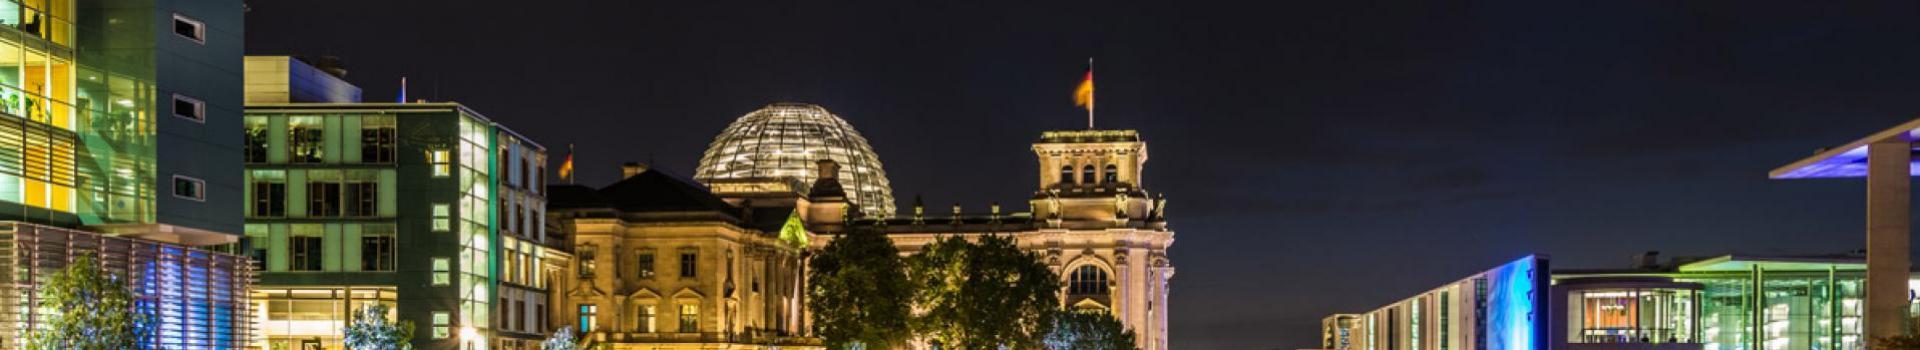 Ecole de mode Berlin